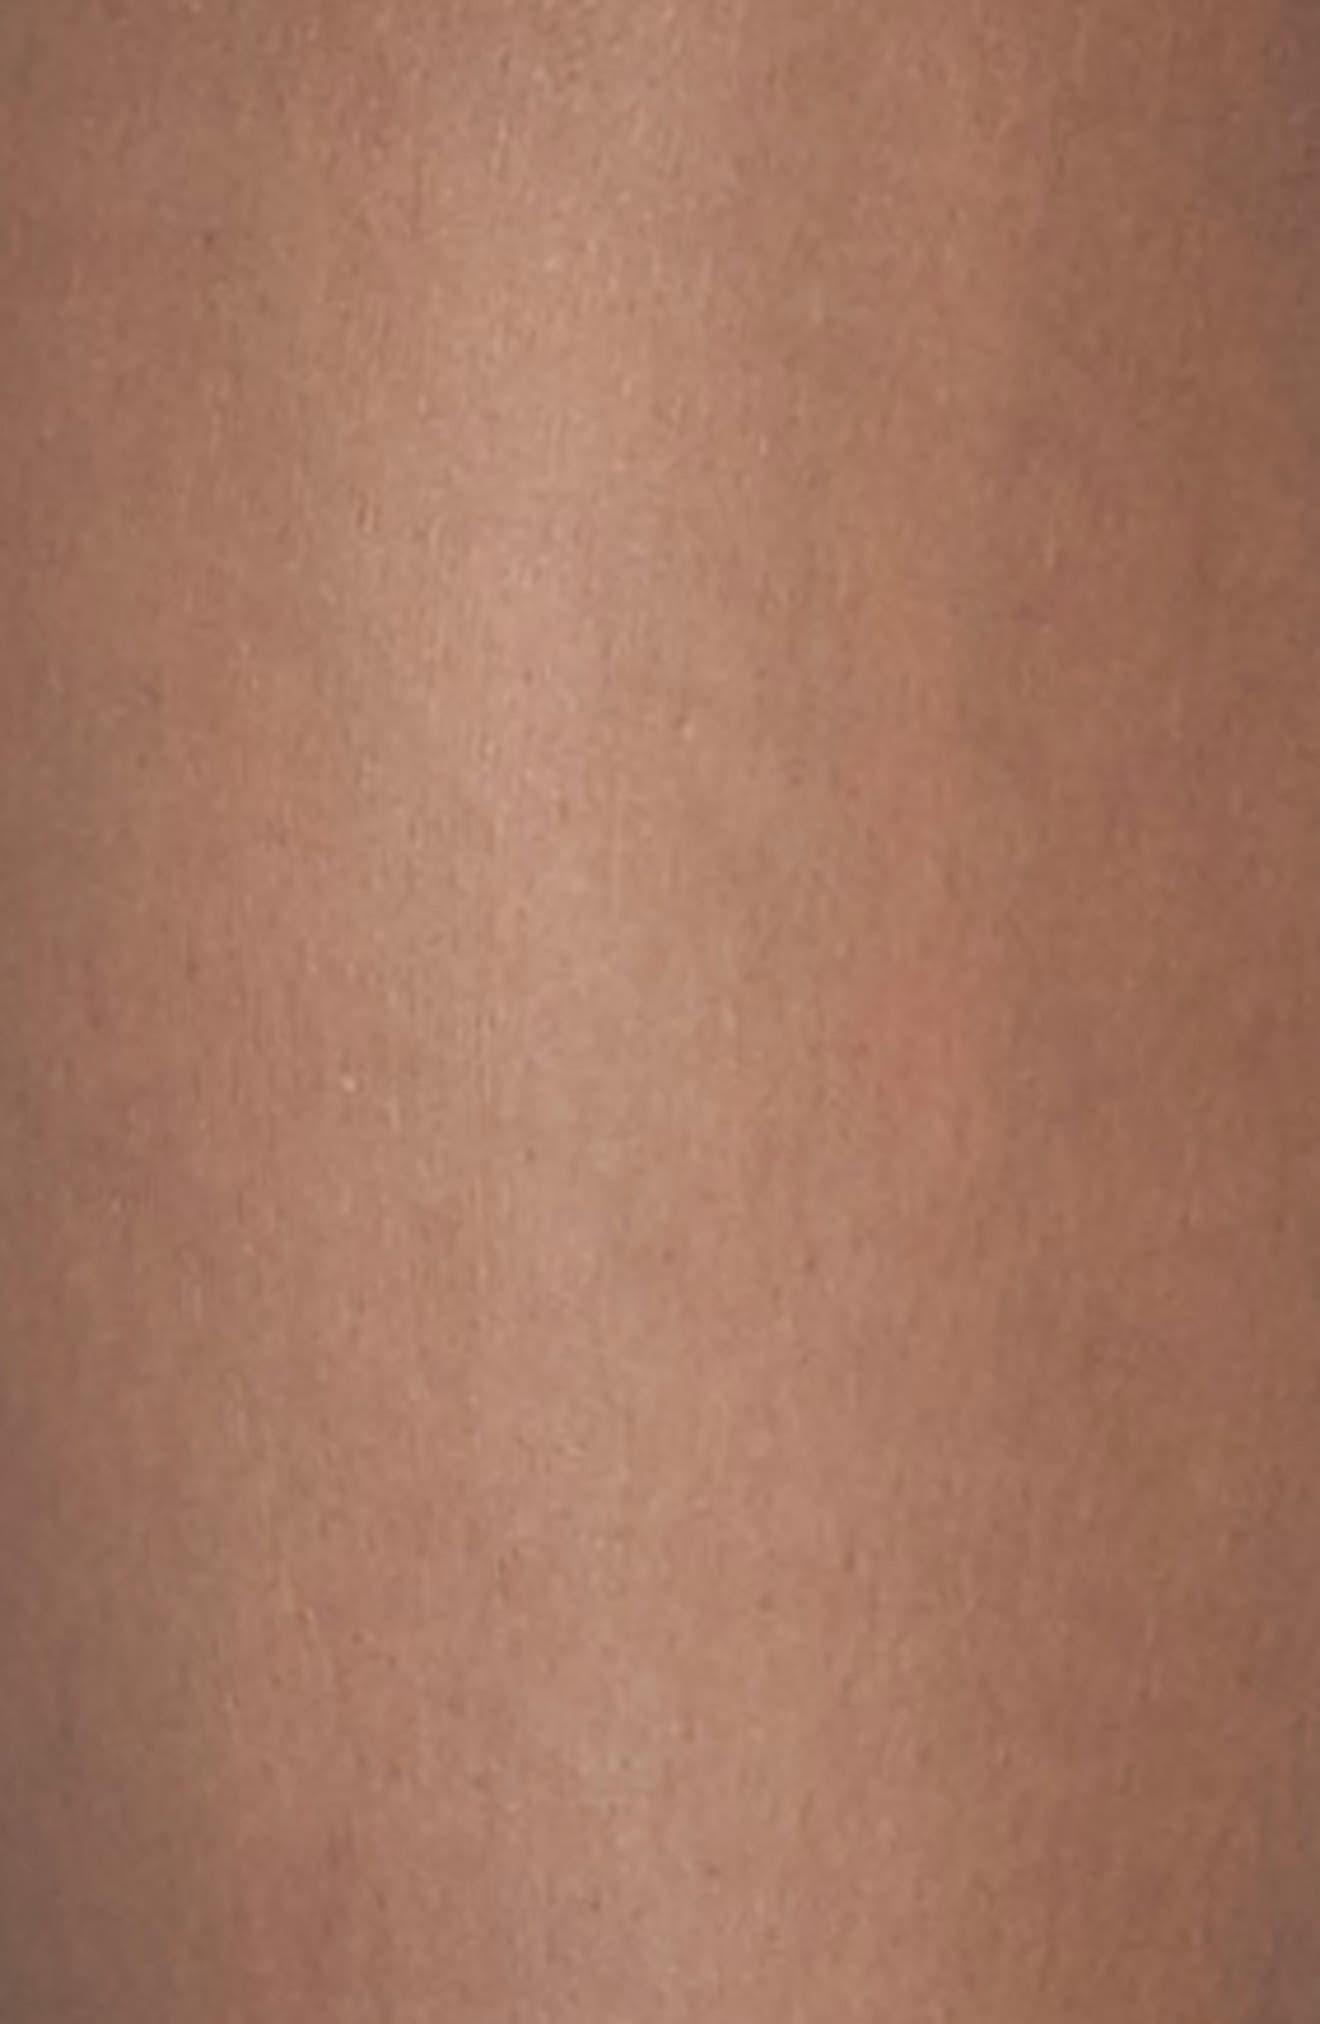 Donna Karan Signature Lace Panty Control Top Pantyhose,                             Alternate thumbnail 3, color,                             001